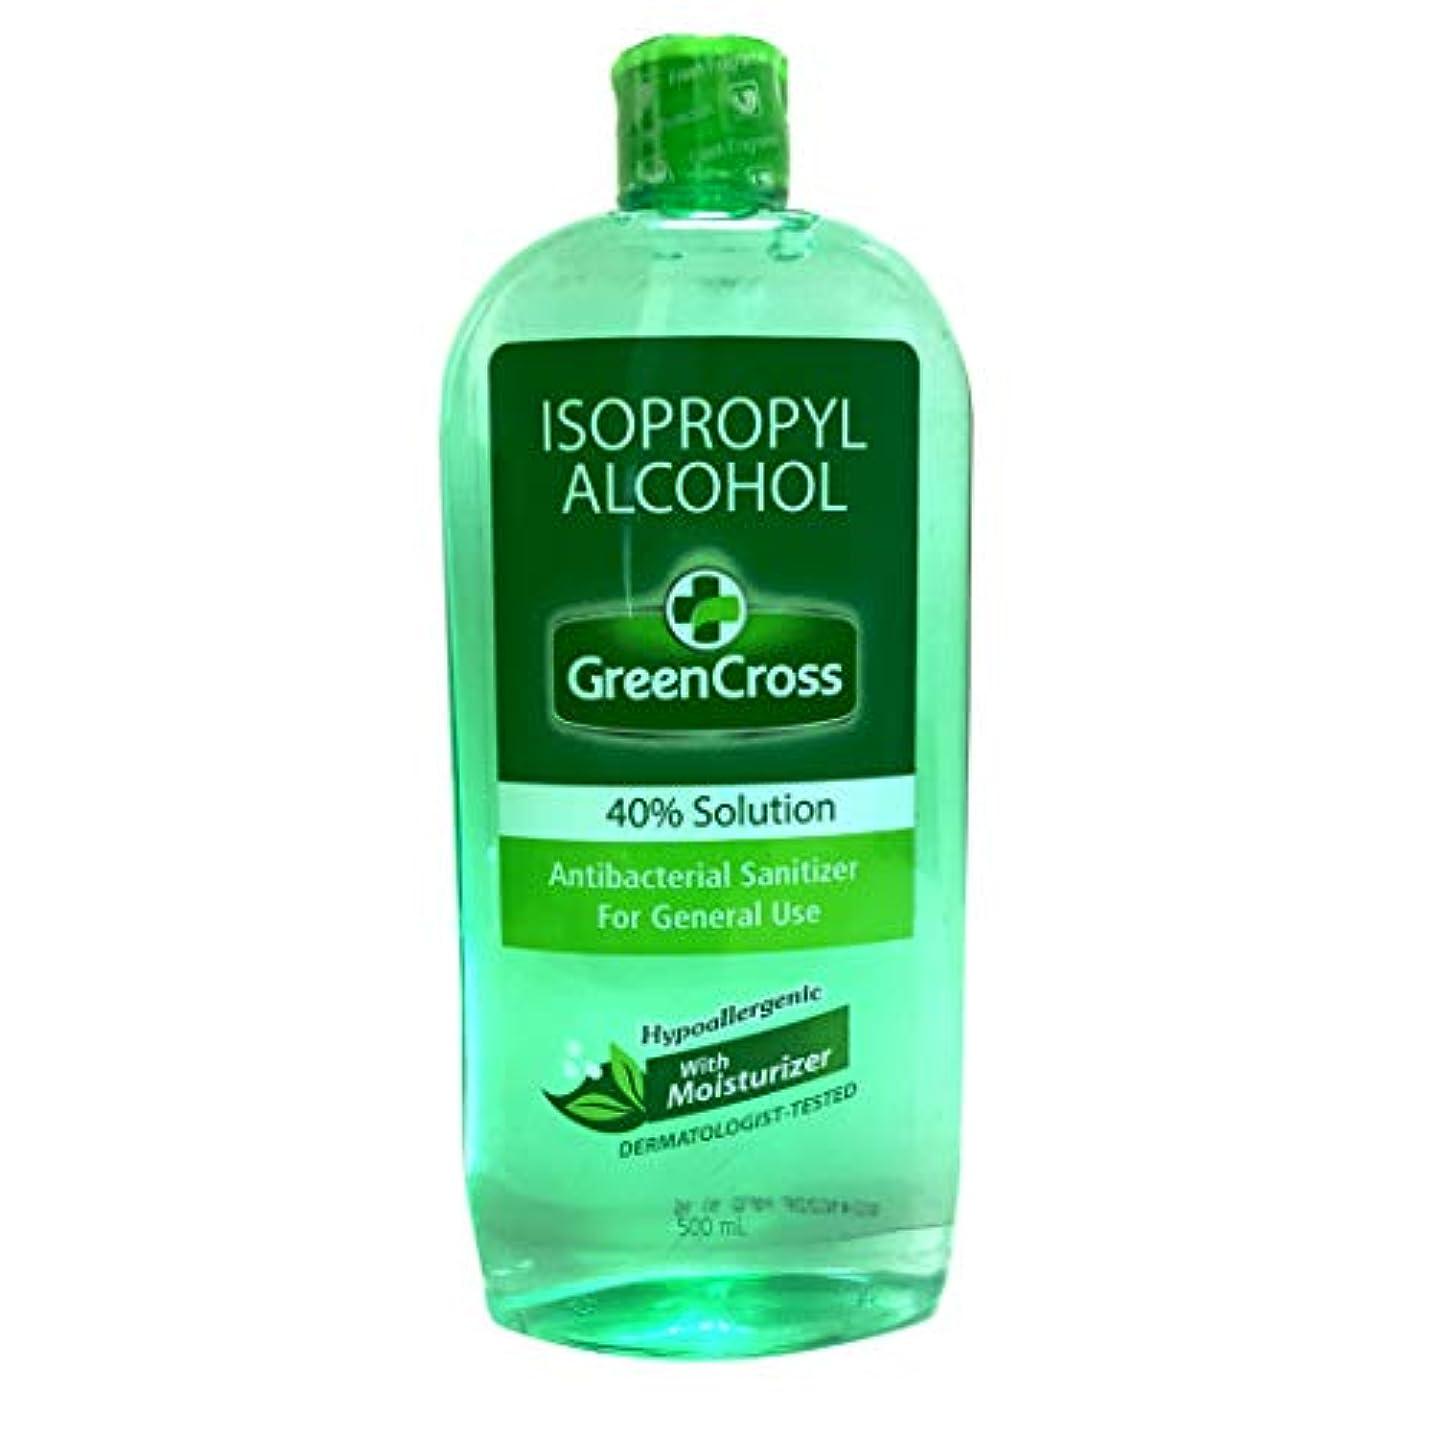 スコットランド人息苦しい有効化GREEN CROSS with Moisturizer Rubbing  ALCOHOL 40% 500ml グリーンクロス ウィズ モイスチャー 手洗い用 アルコール